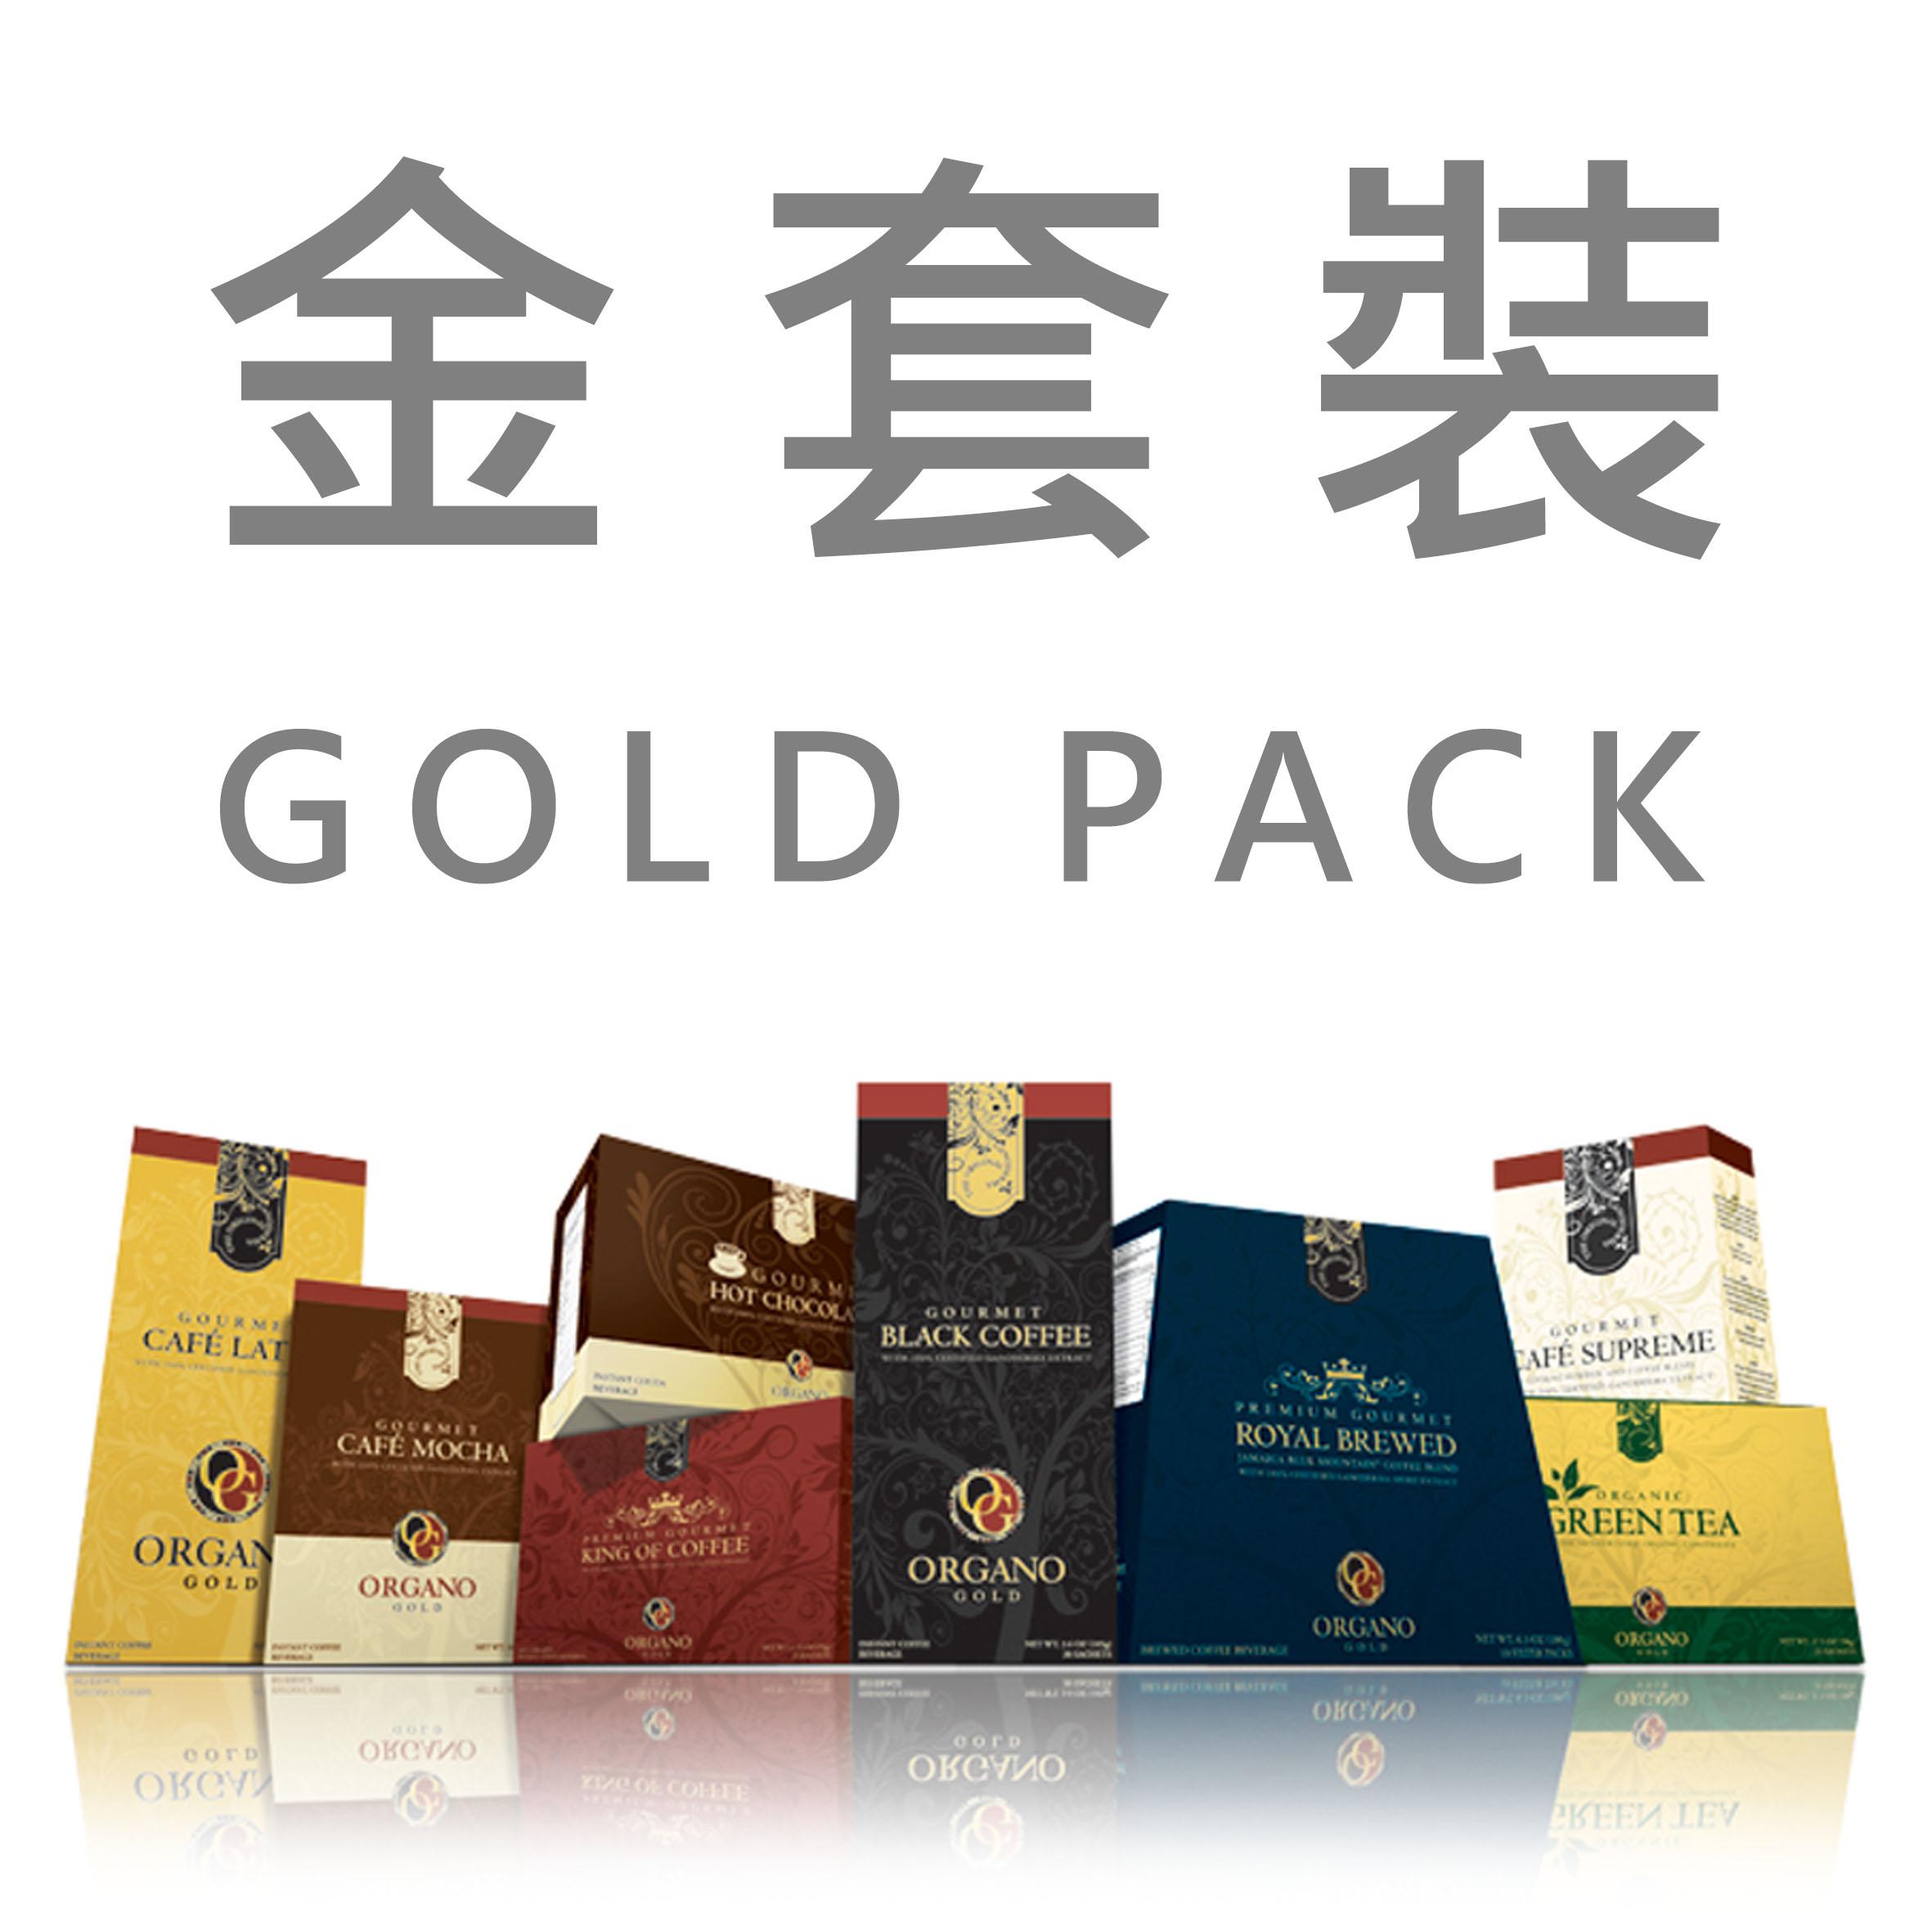 金套裝咖啡組【黑咖啡15盒/拿鐵12盒/熱巧克力12盒/摩卡8盒/至尊咖啡6盒】